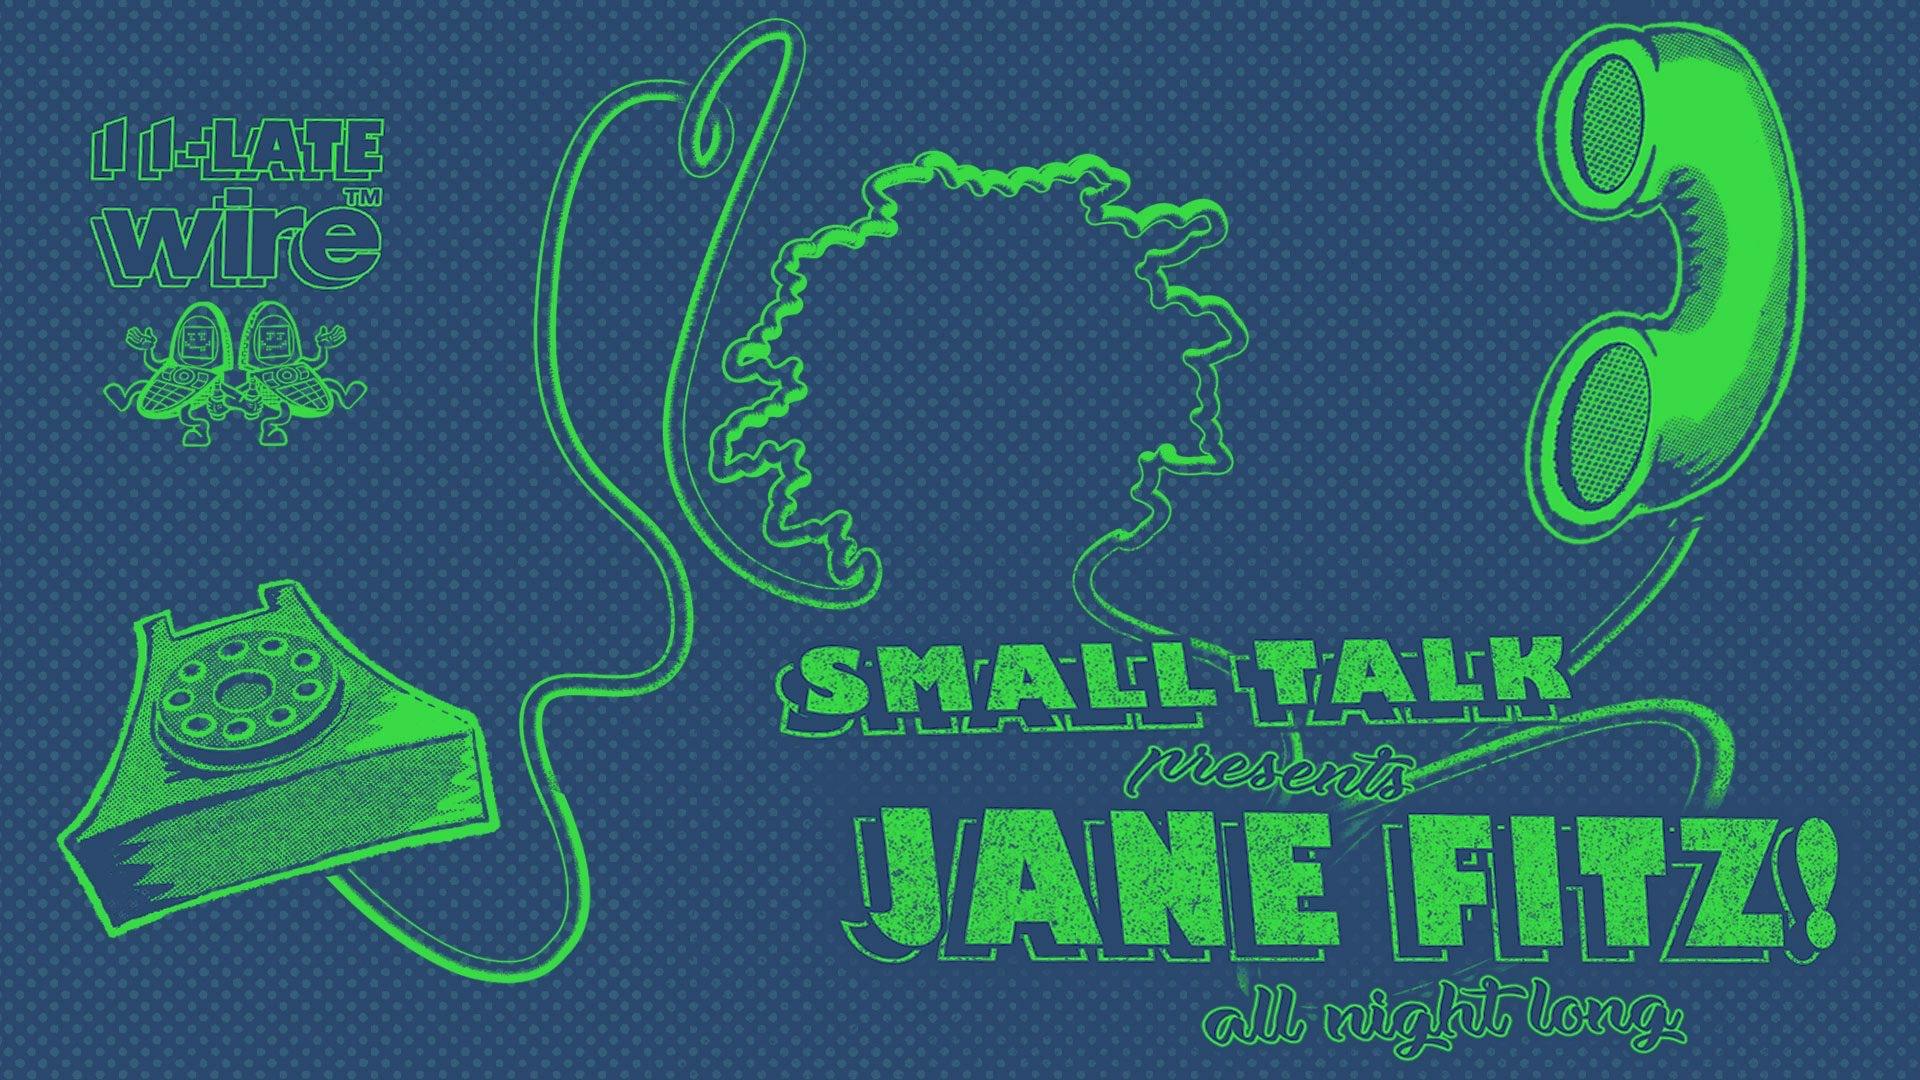 Small Talk: Jane Fitz (All Night Long)